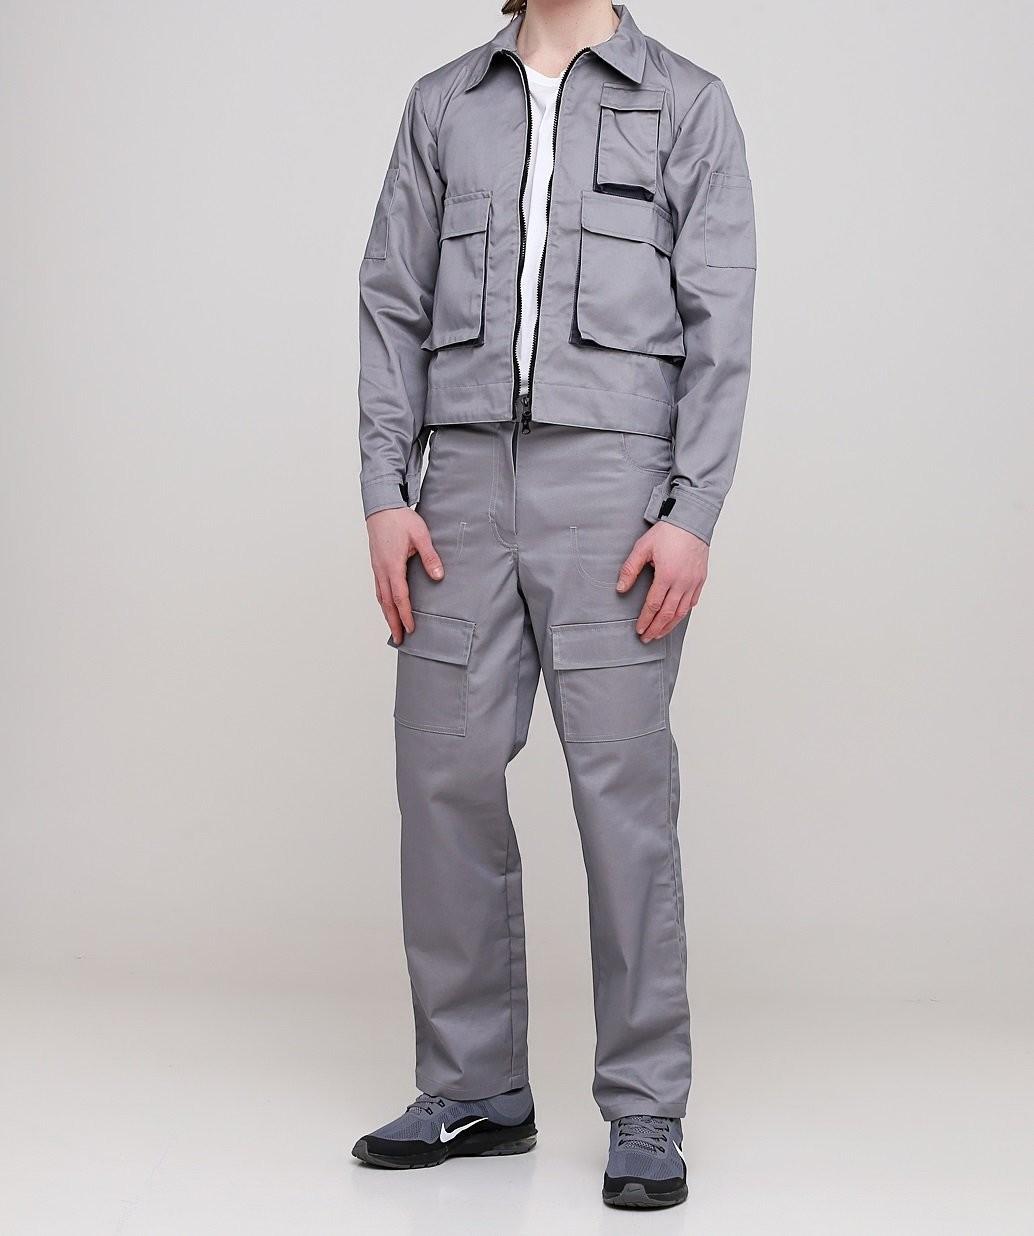 Чоловічі робочі куртки